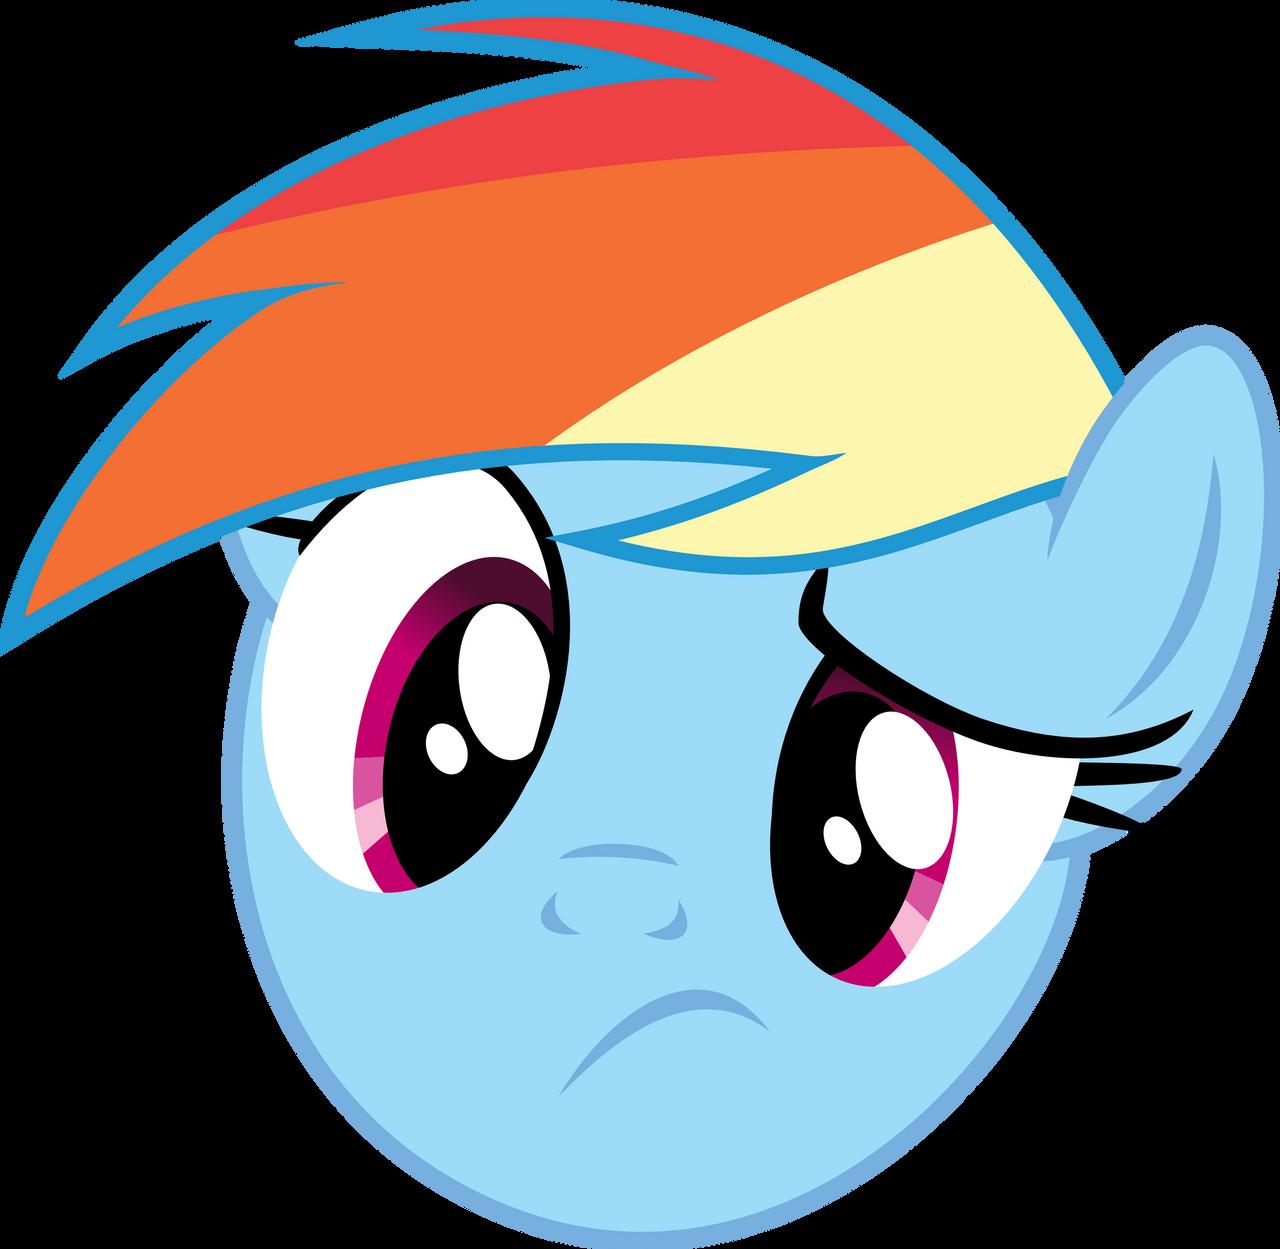 Rainbow Dash - Huh? by namelesshero2222